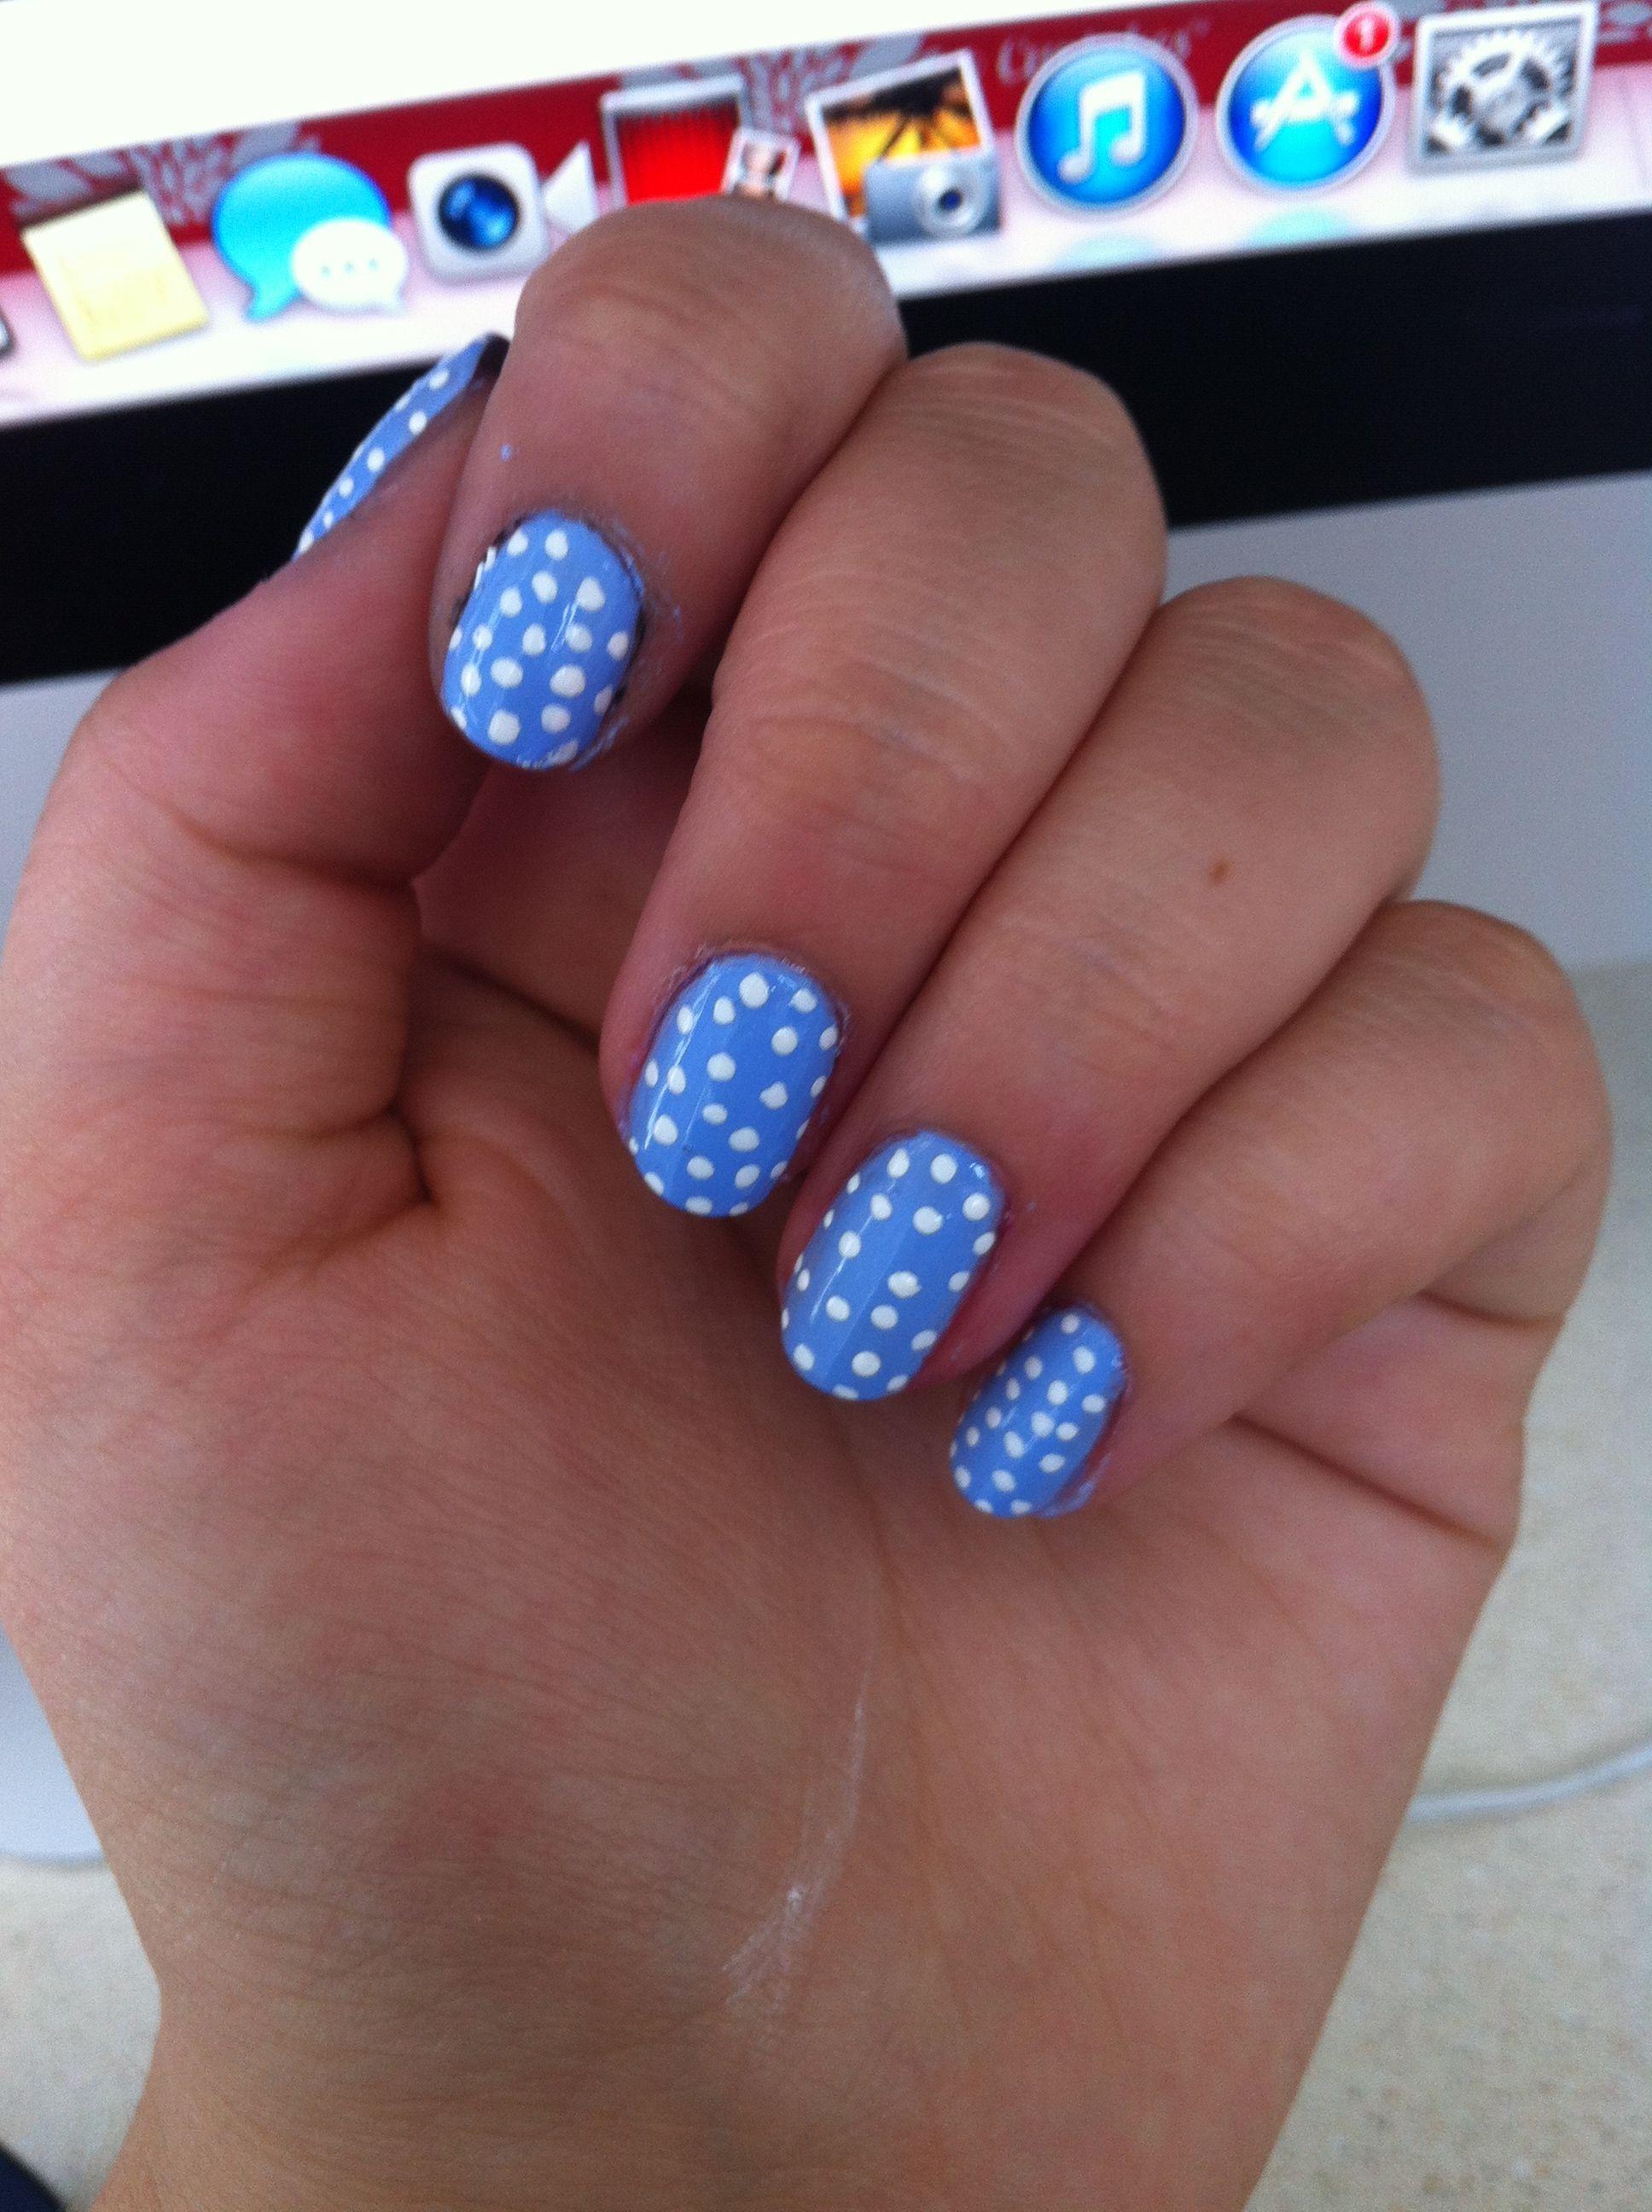 Baby Blue Nails With White Poka Dots Diy Nail Designs Baby Blue Nails Blue Nails